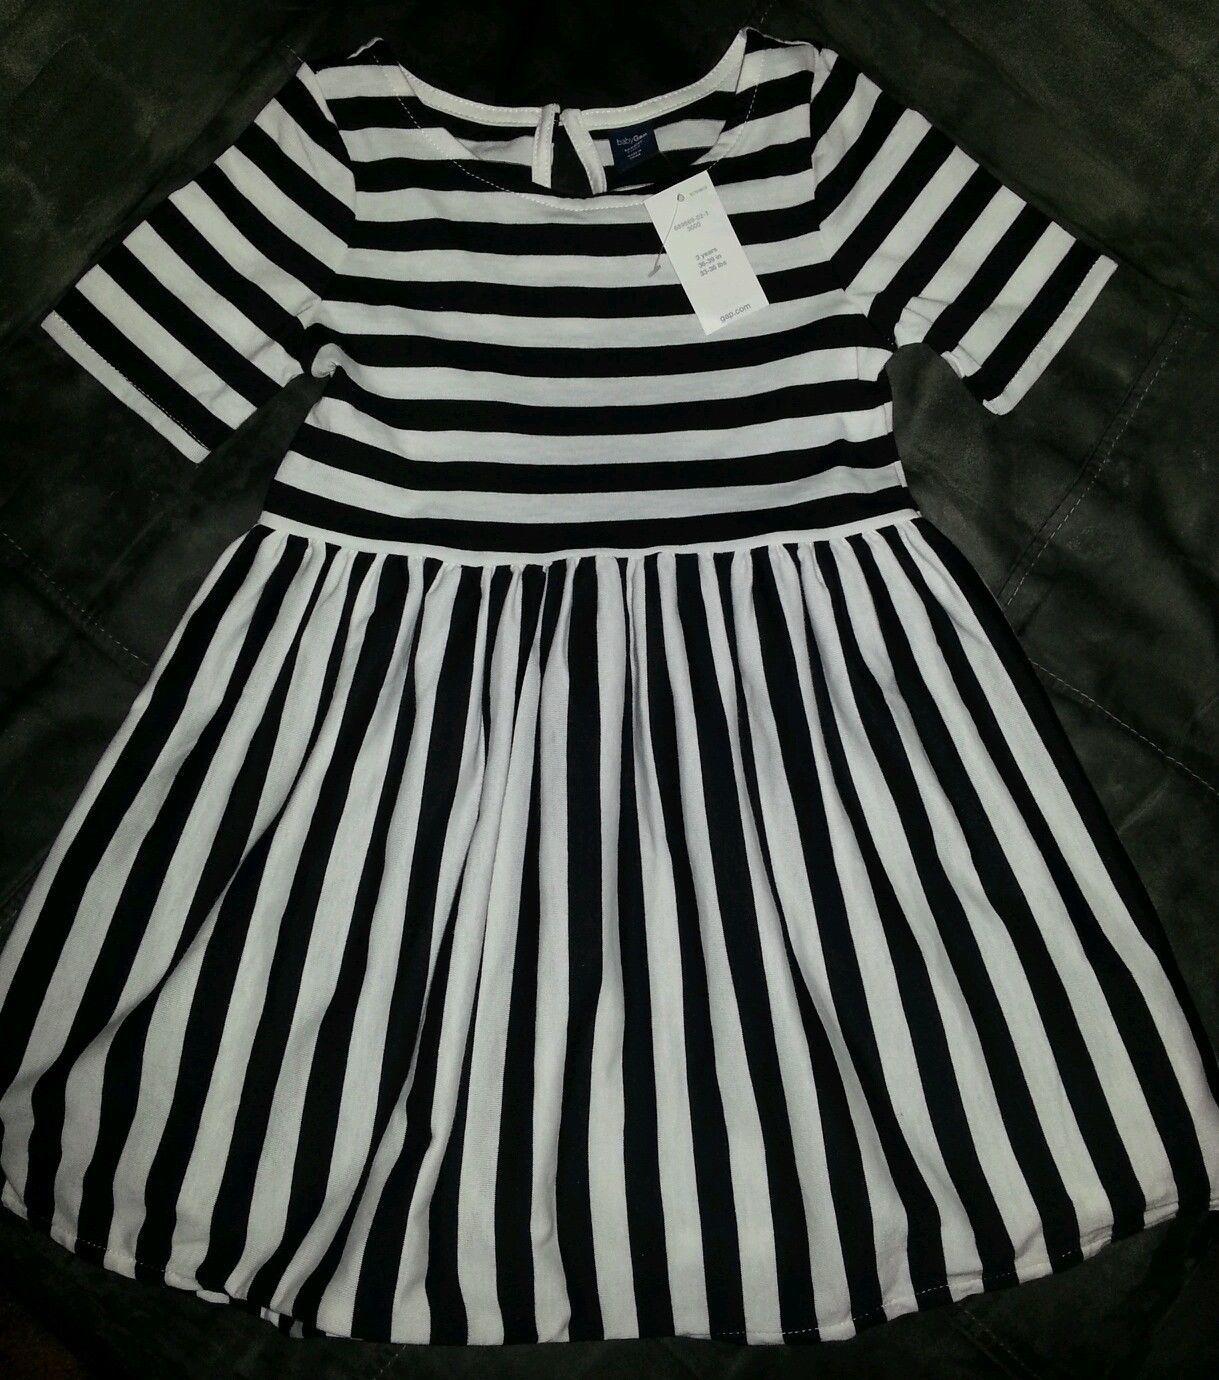 54202d7f997b Baby Gap Toddler Girls Printed Black White Striped Swing Dress ...